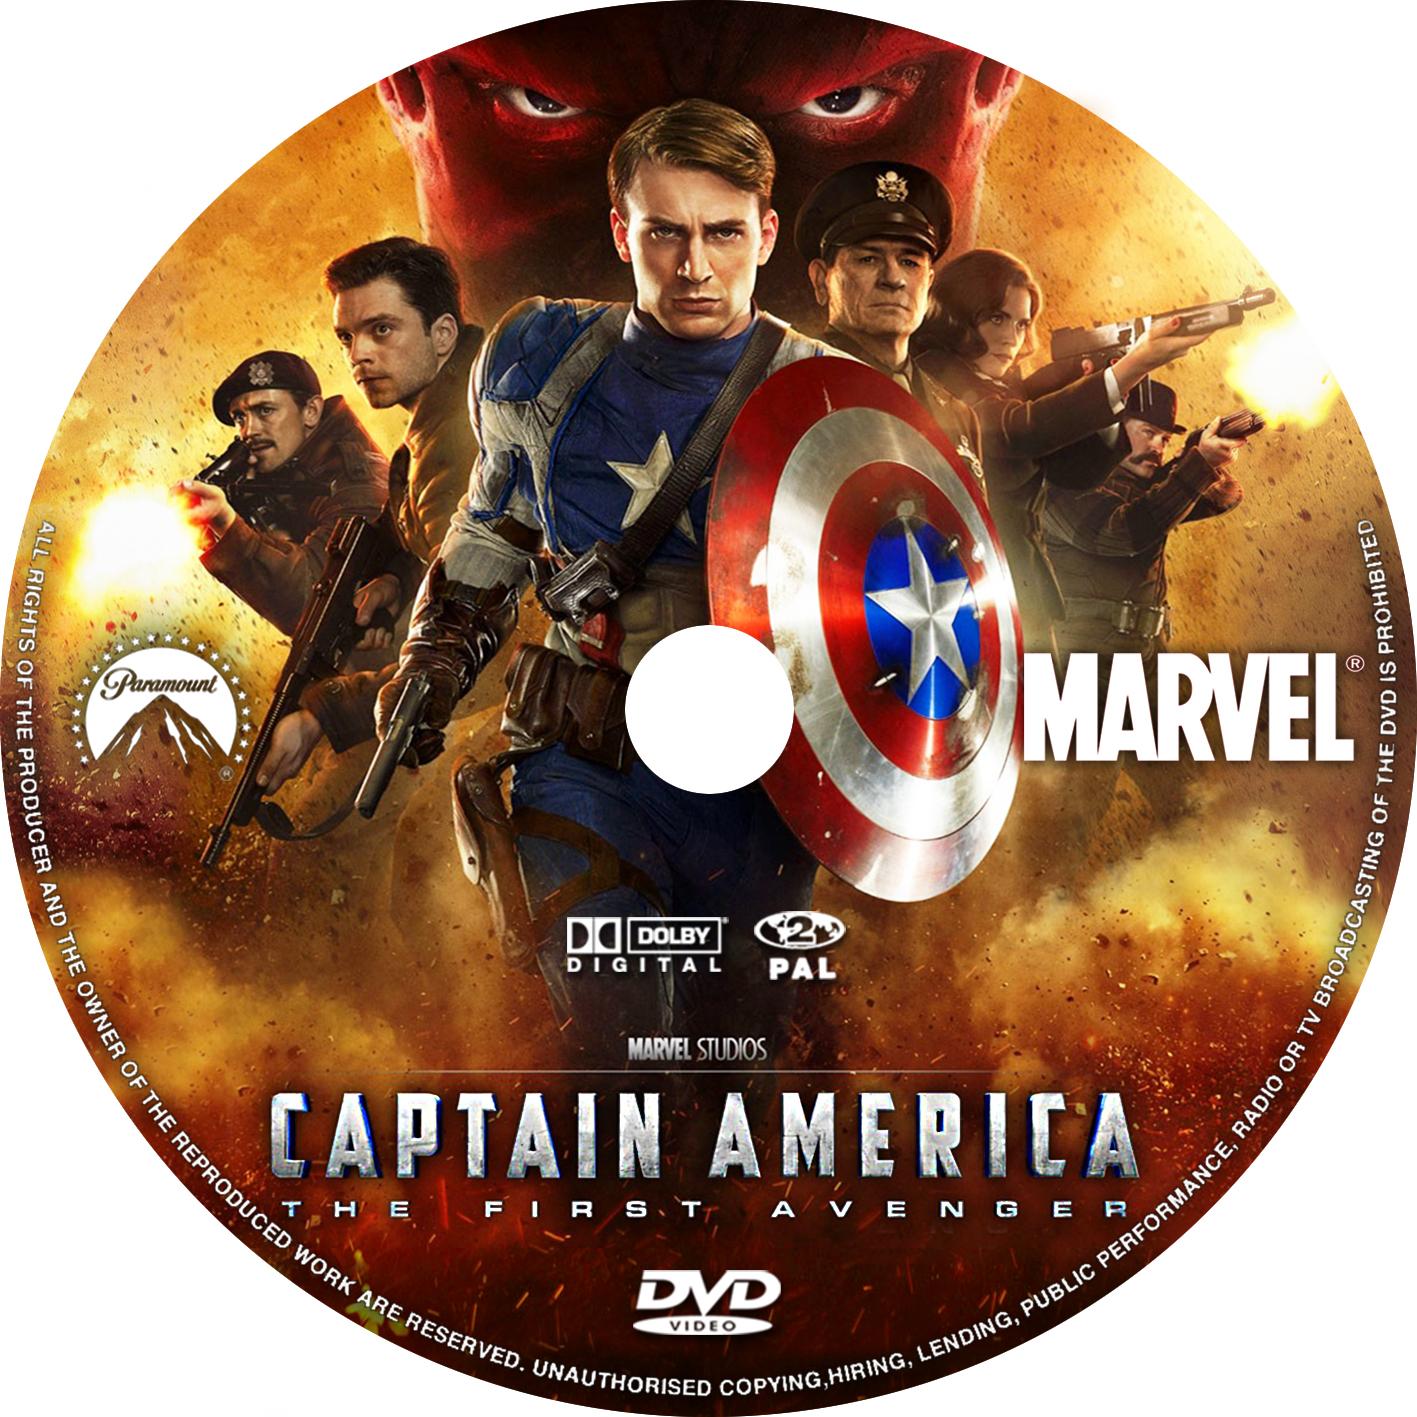 Captain america the first avenger 2011 - Captain America The First Avenger 2011 Cd